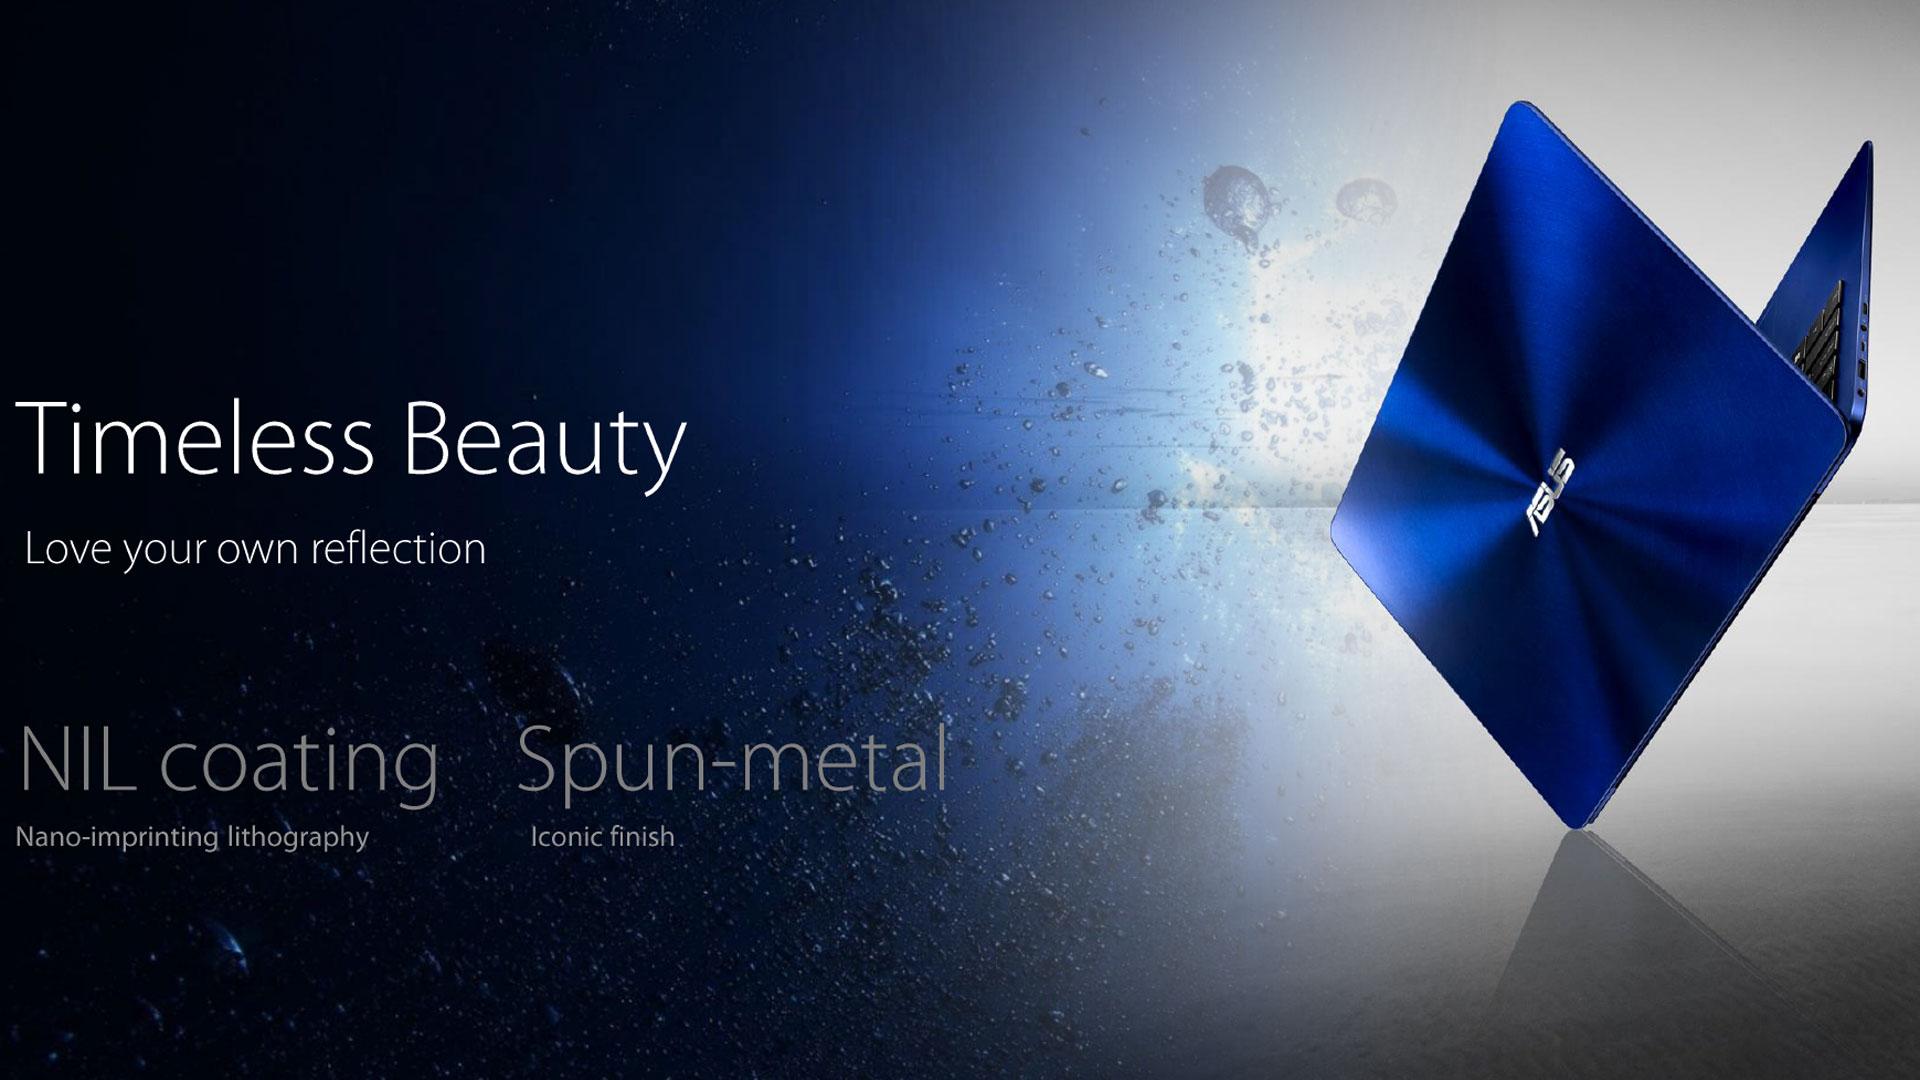 ZenBook UX530 design